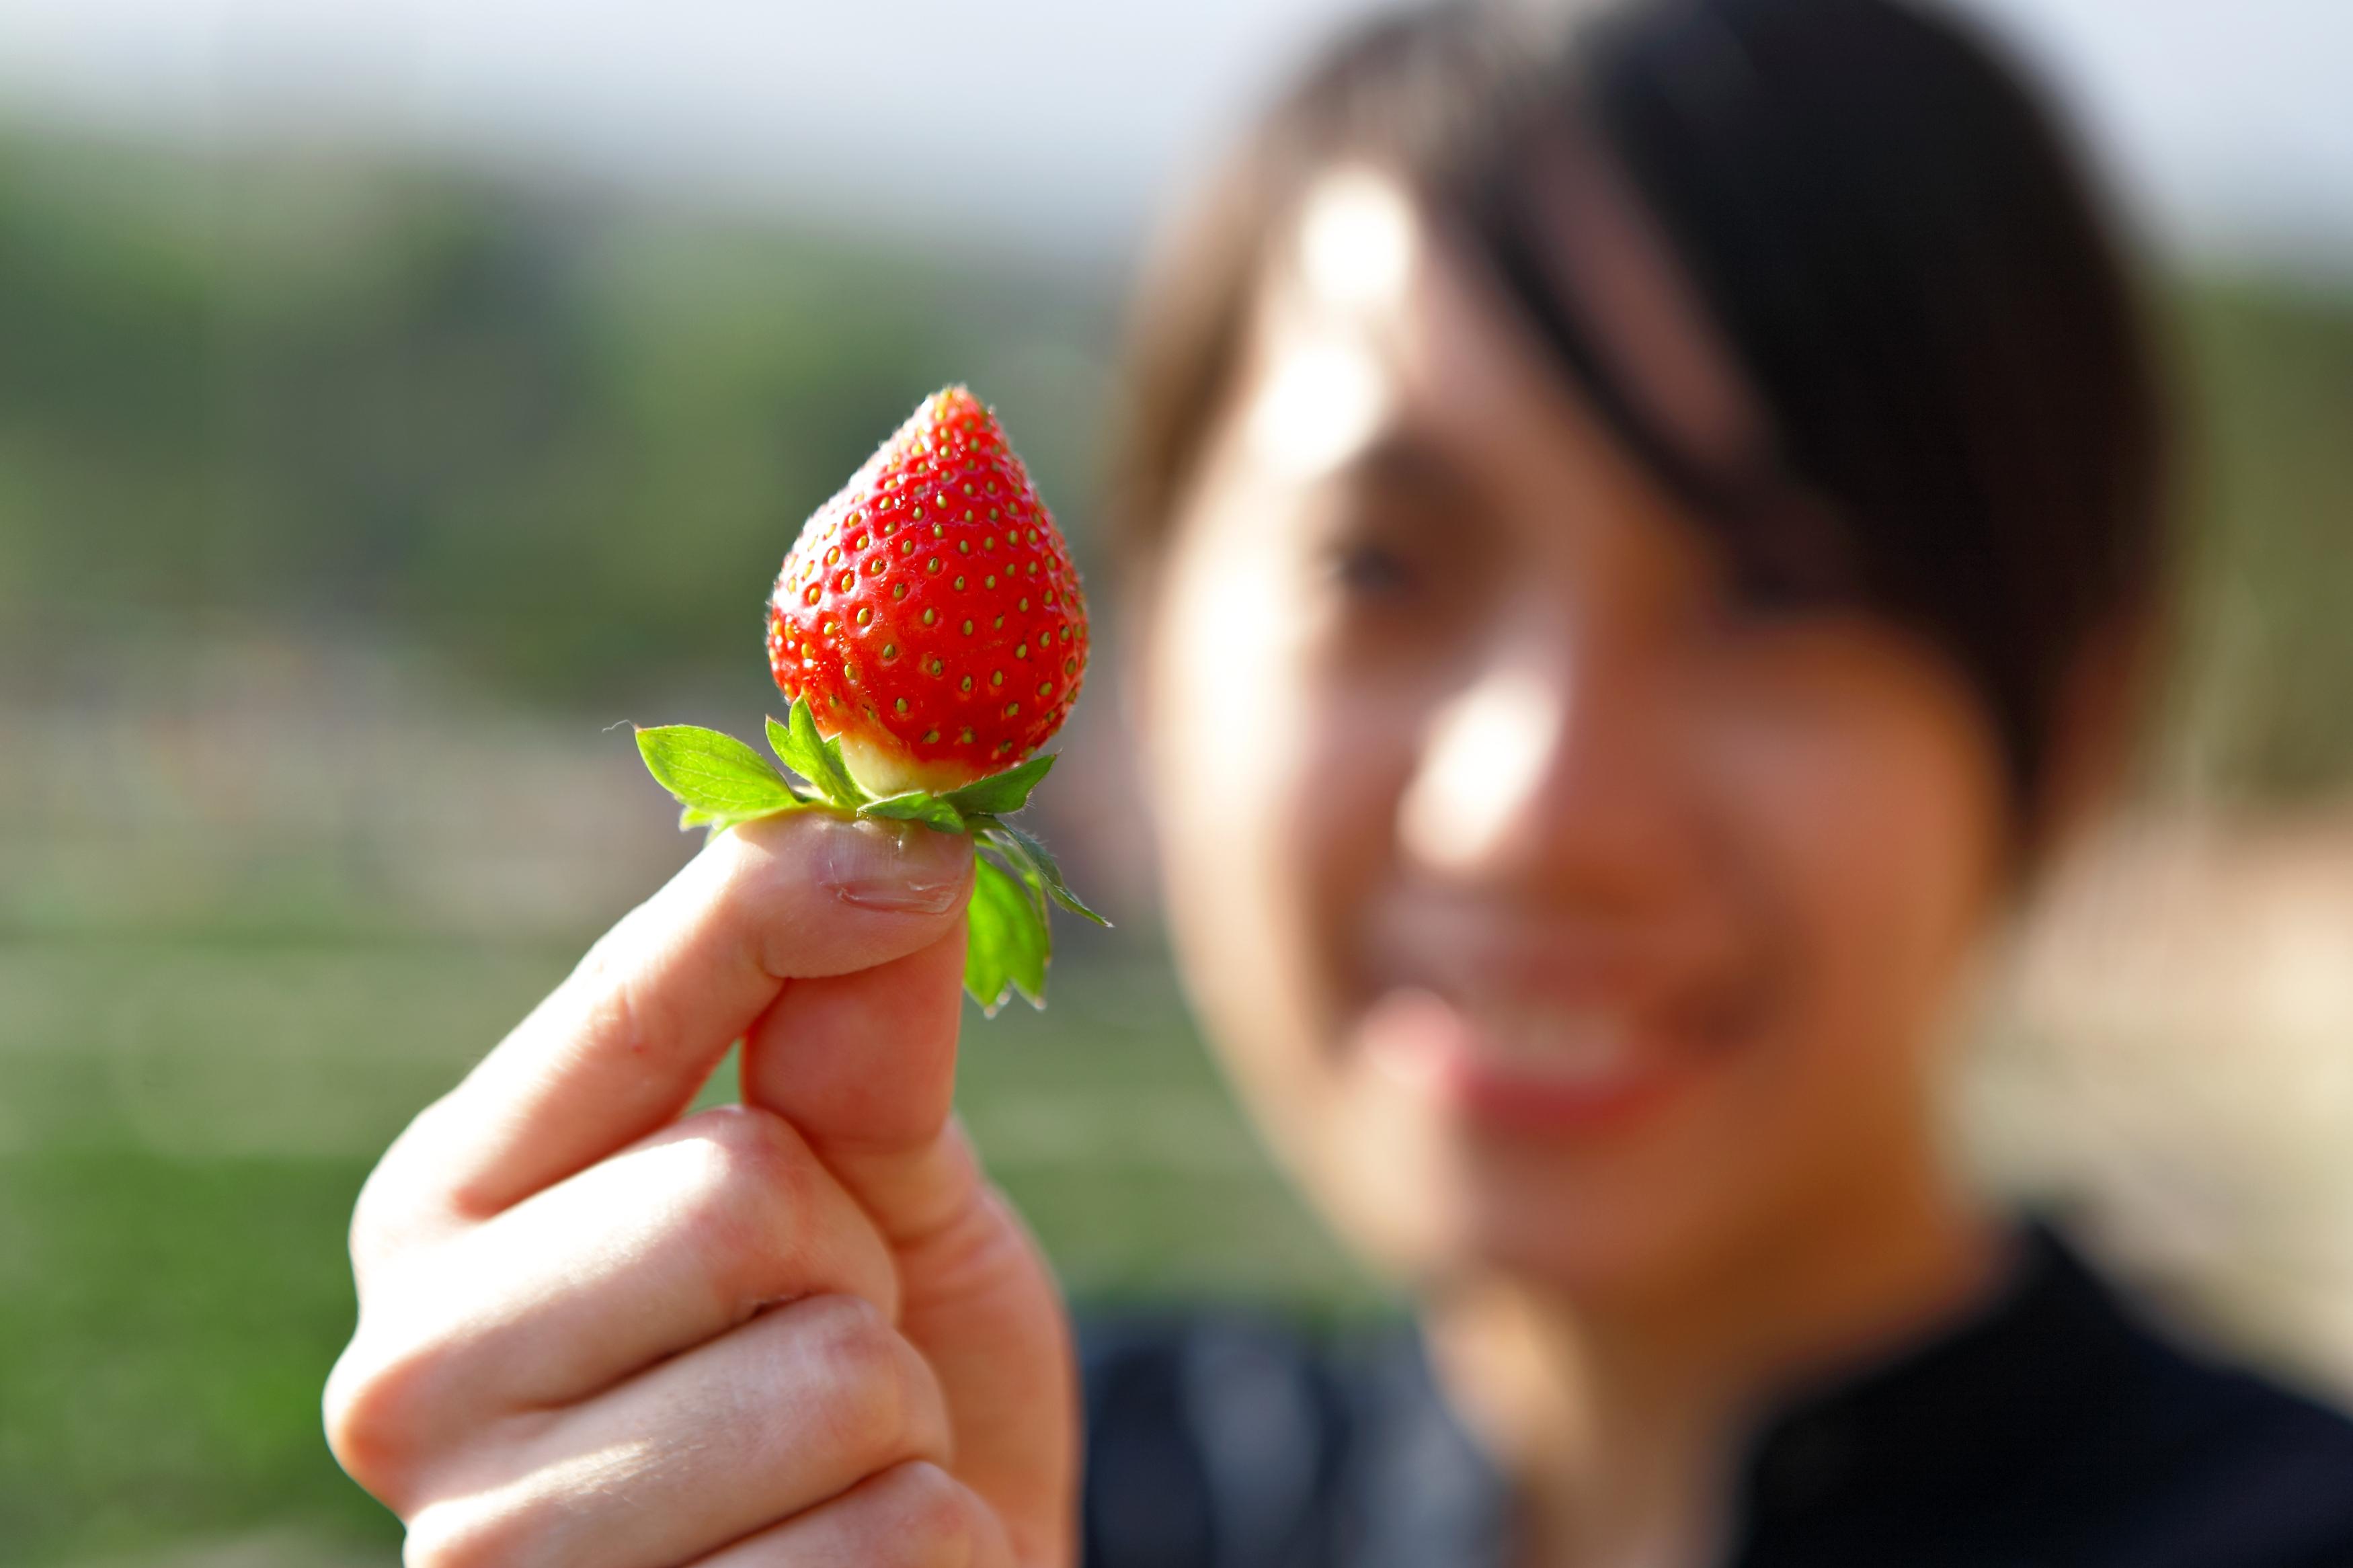 Jordgubbar ökar mättnadskänslan vilket kan motverka övervikt.